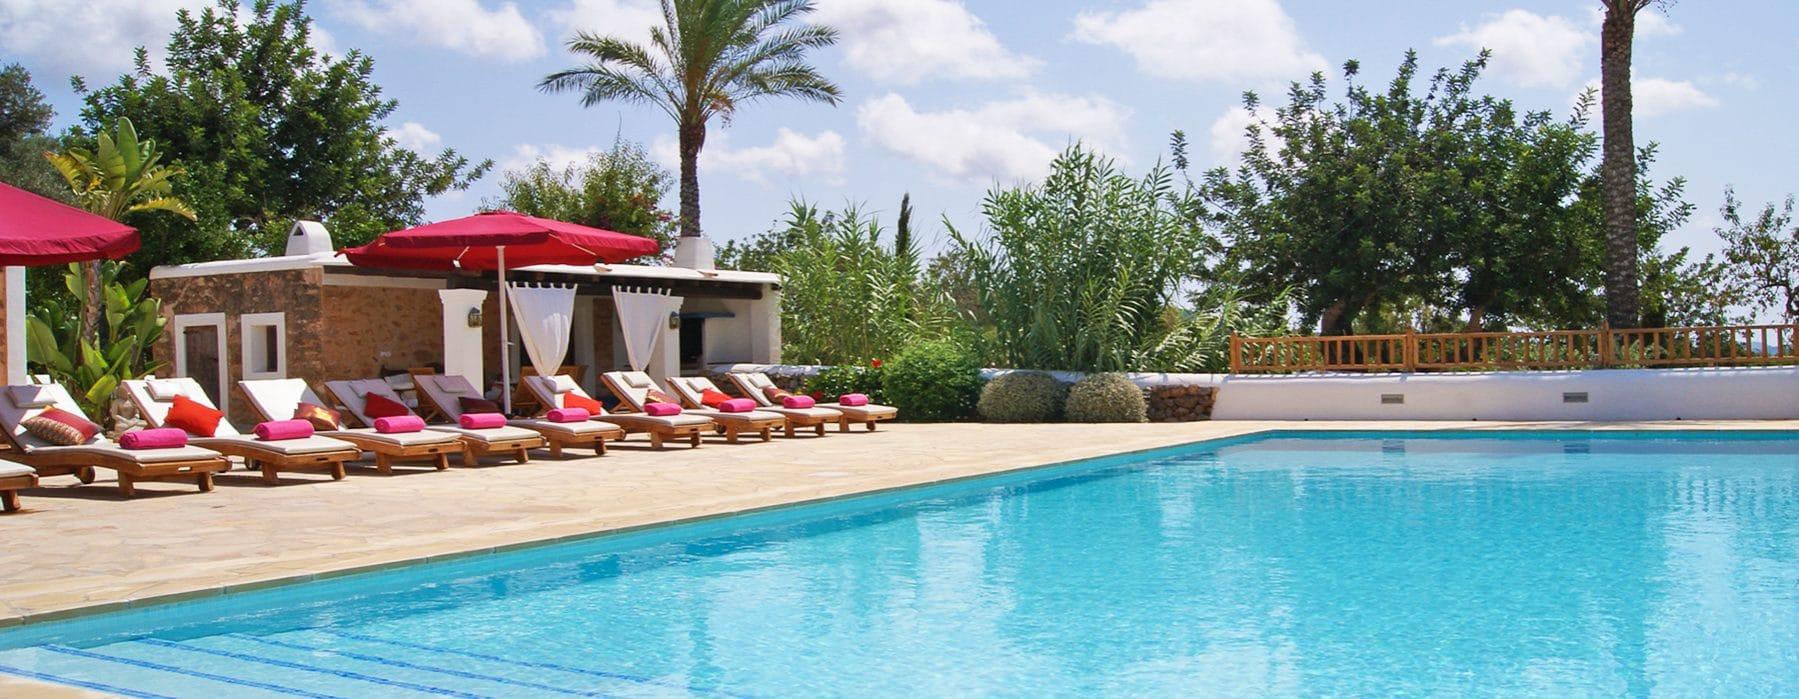 Villa Can Sitges - Ibiza Selected